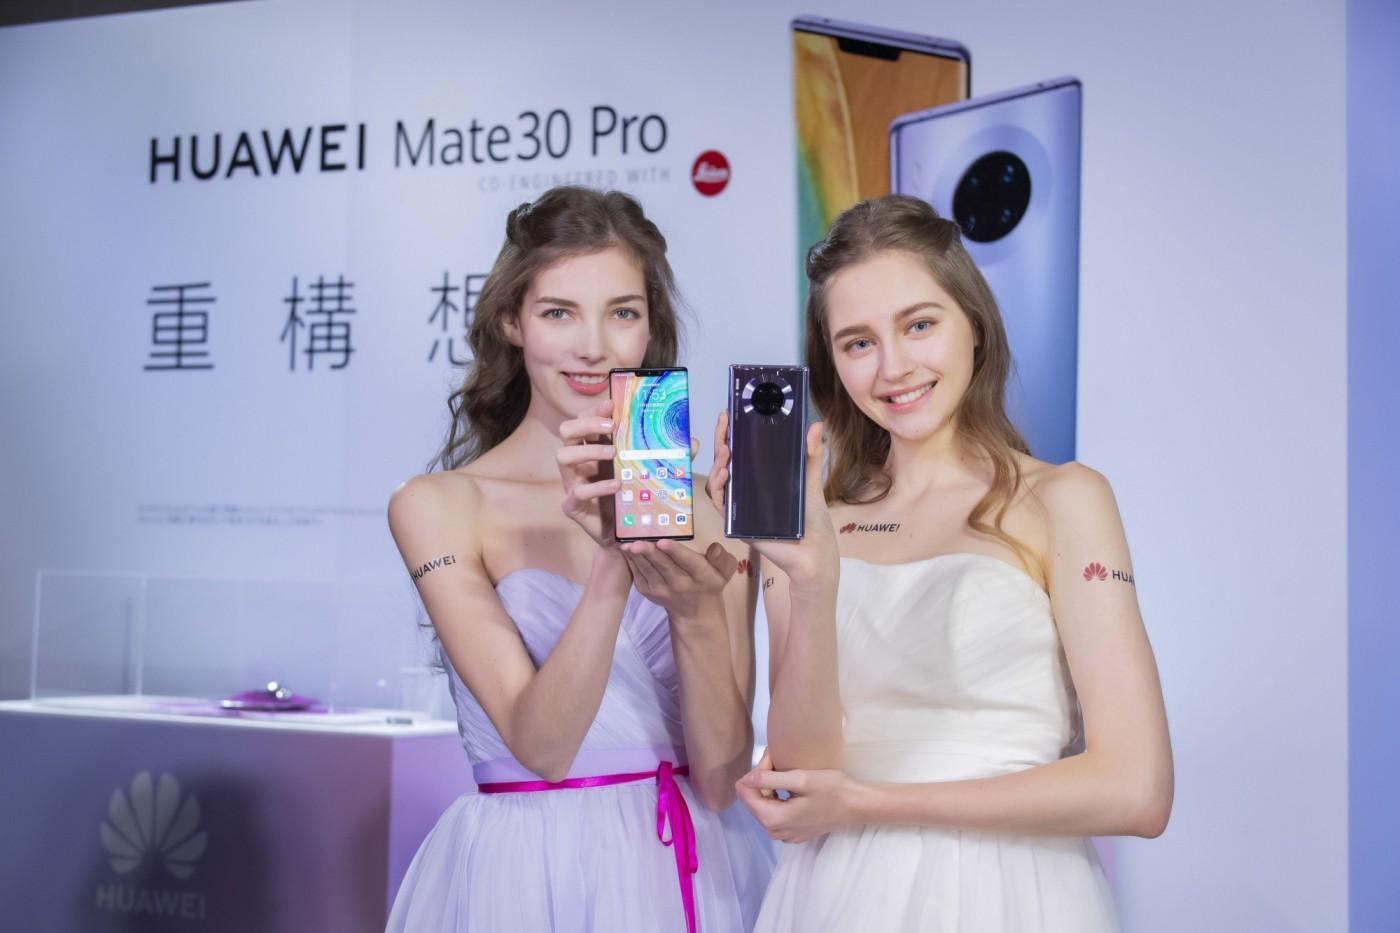 不賣了!華為Mate30 Pro來台生變,發表21天後官方宣佈取消上市